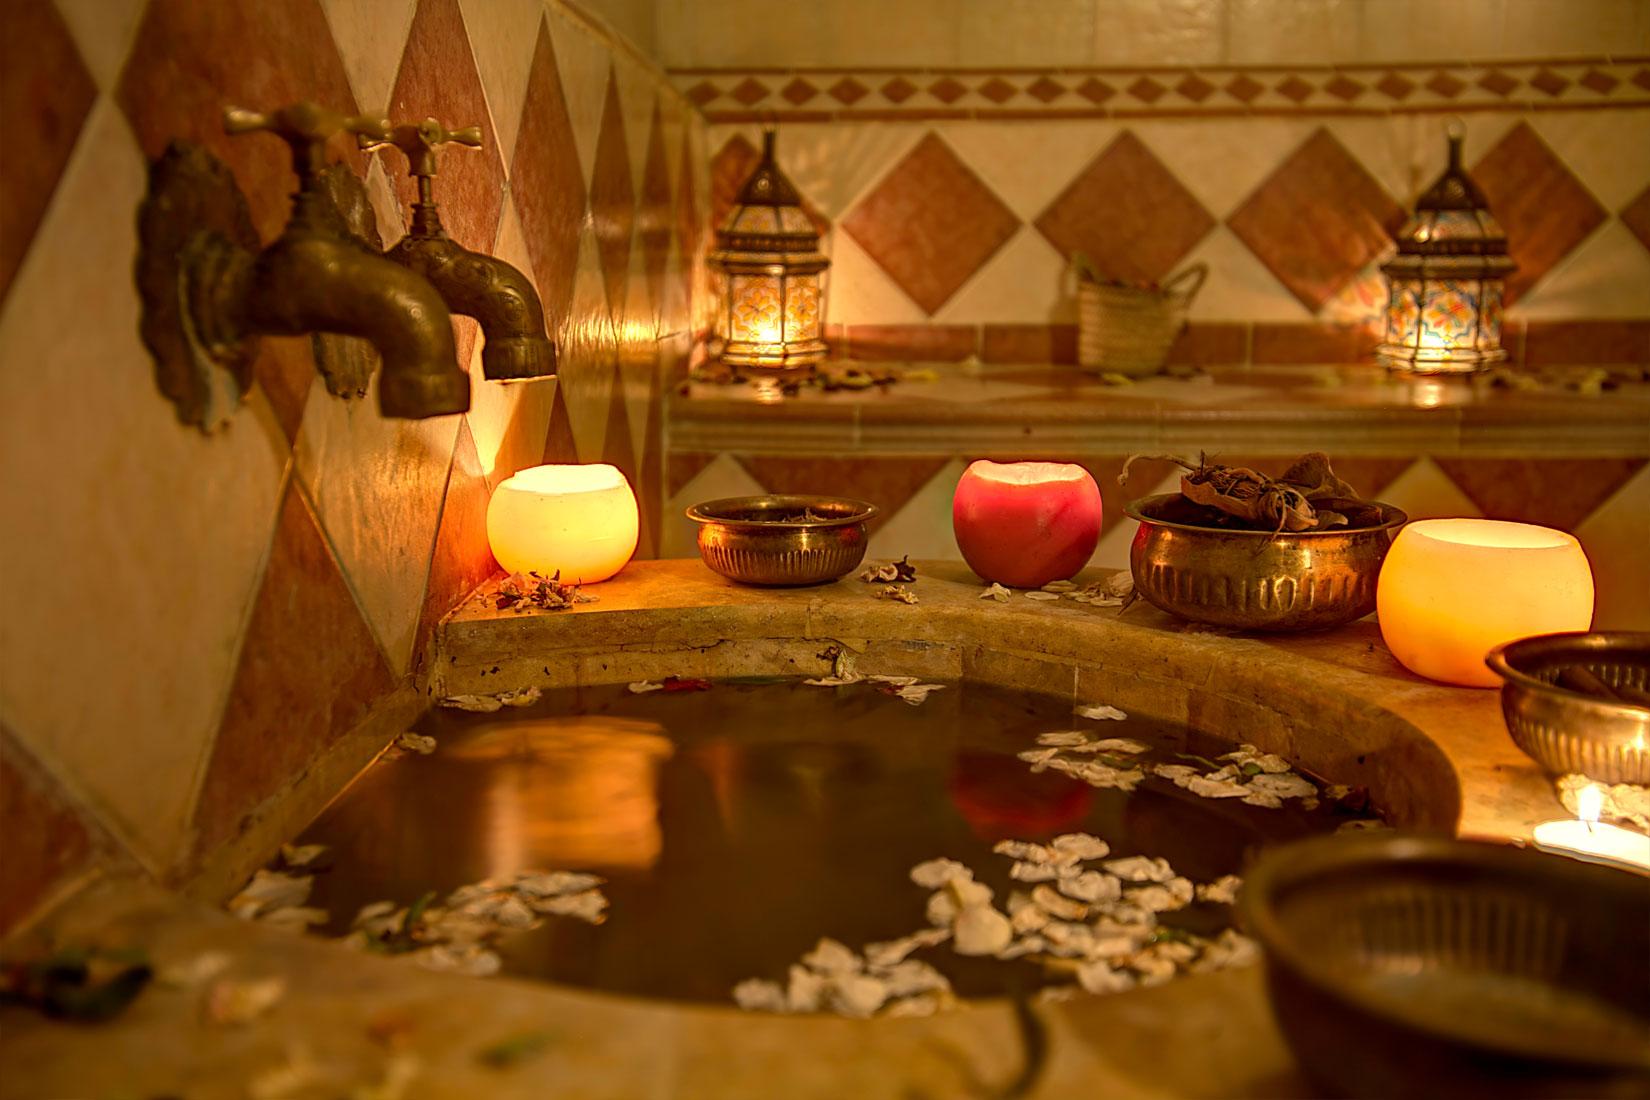 Bien tre h tel amani - Salle de bain avec hammam ...